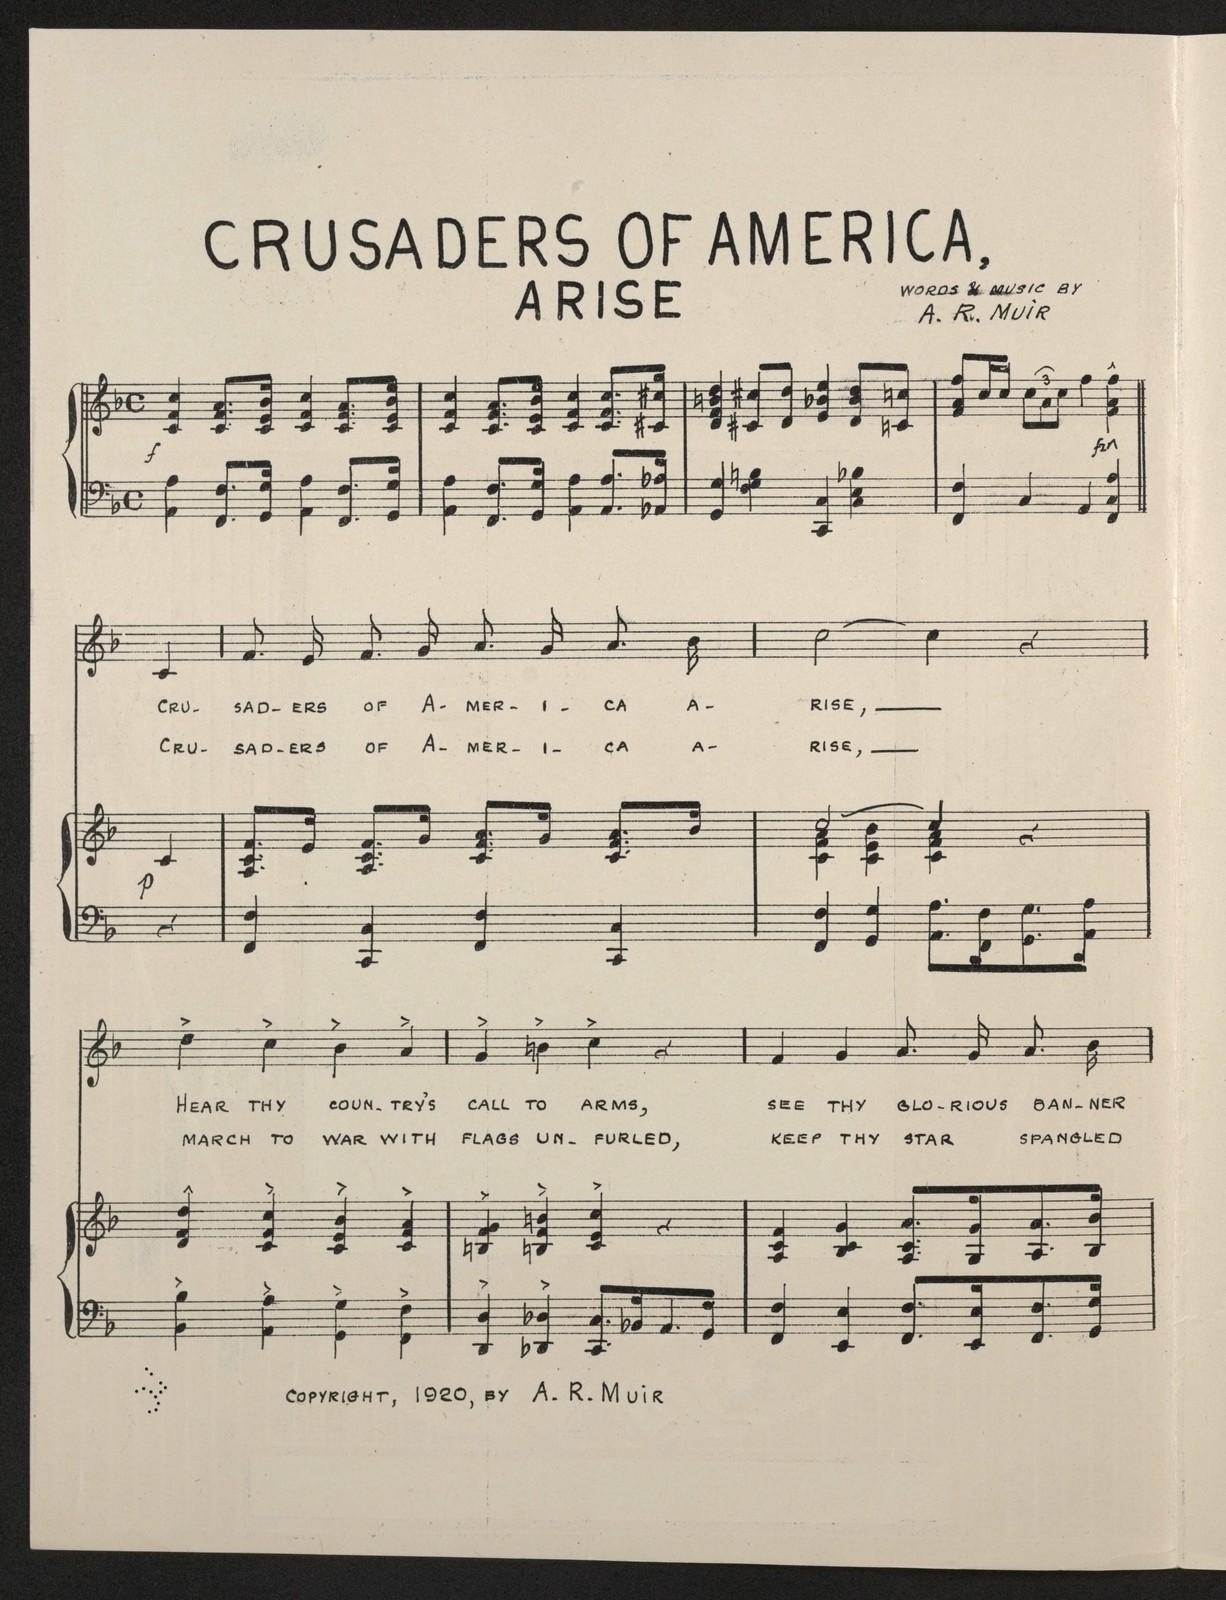 Crusaders of America, arise